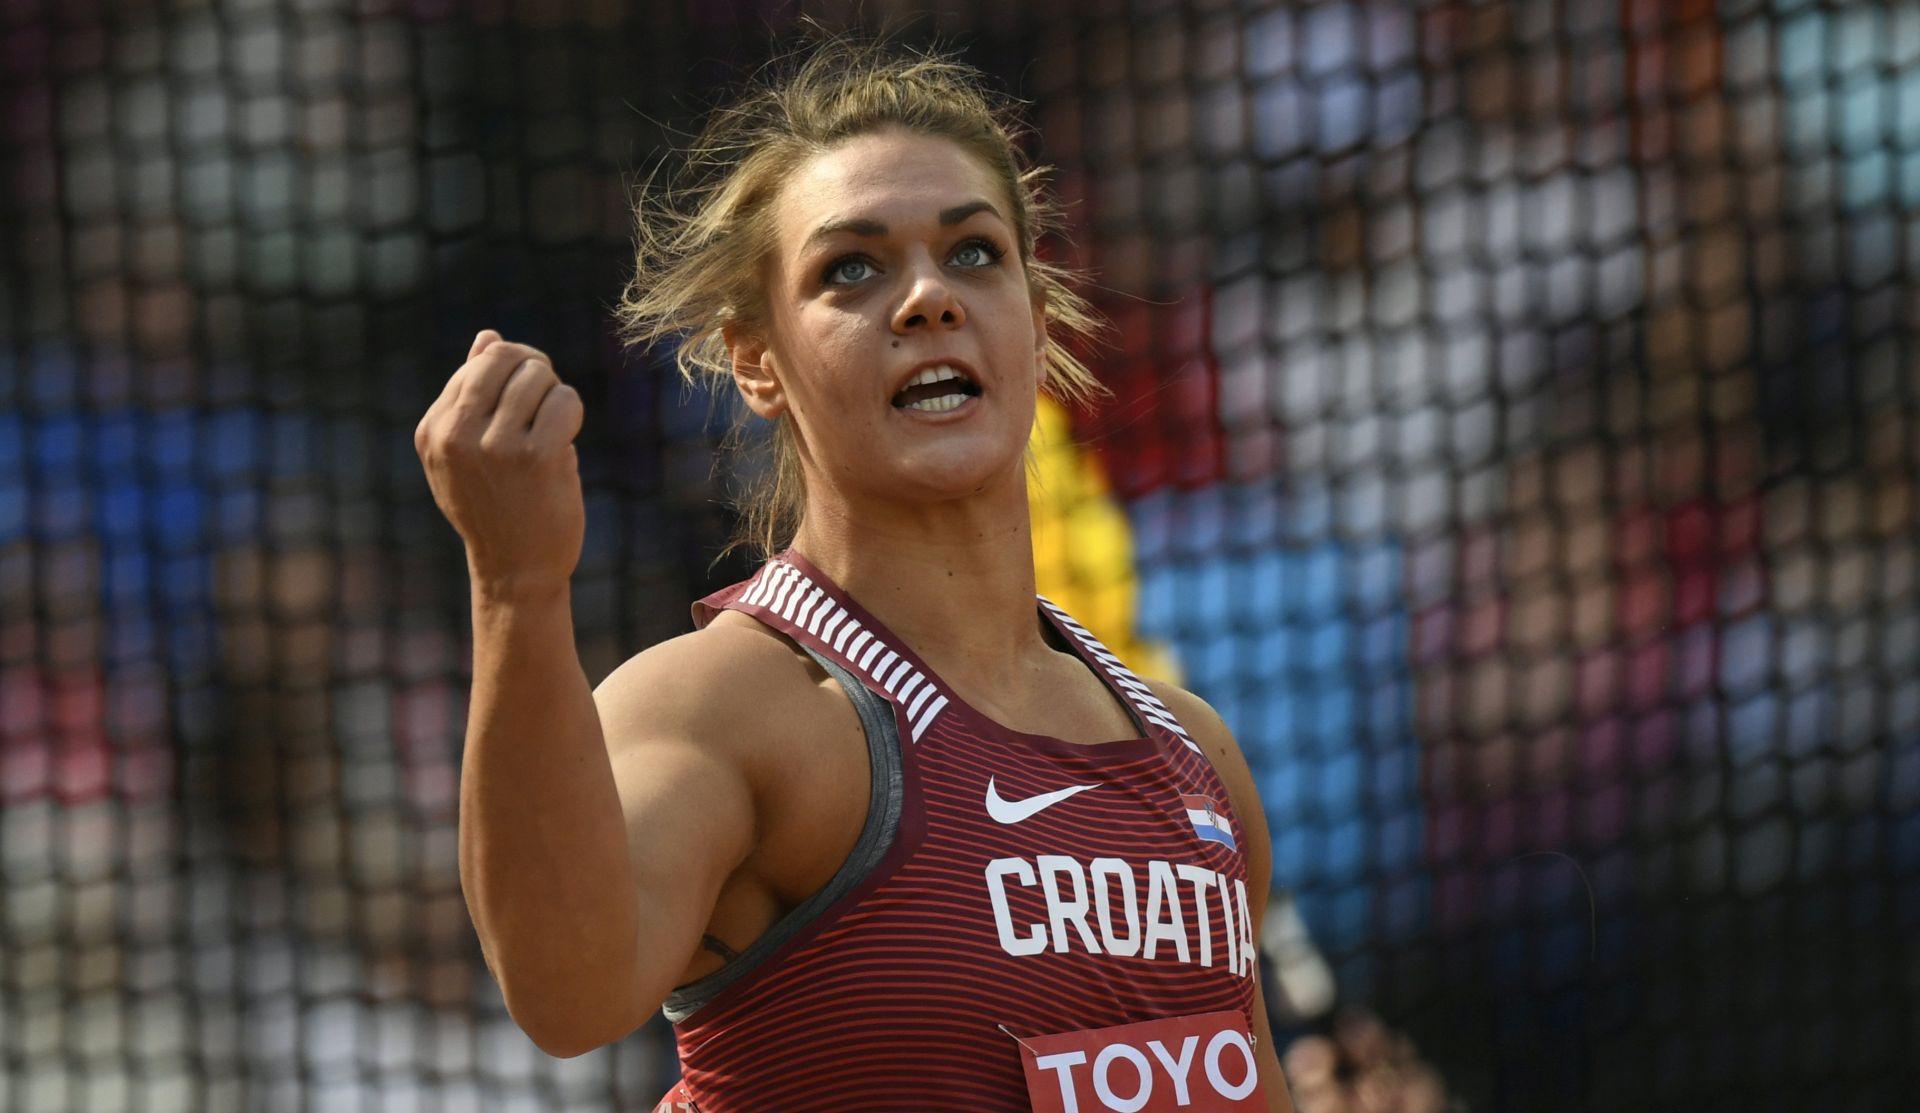 NEPOBJEDIVA Perković oborila rekord mitinga u Rimu